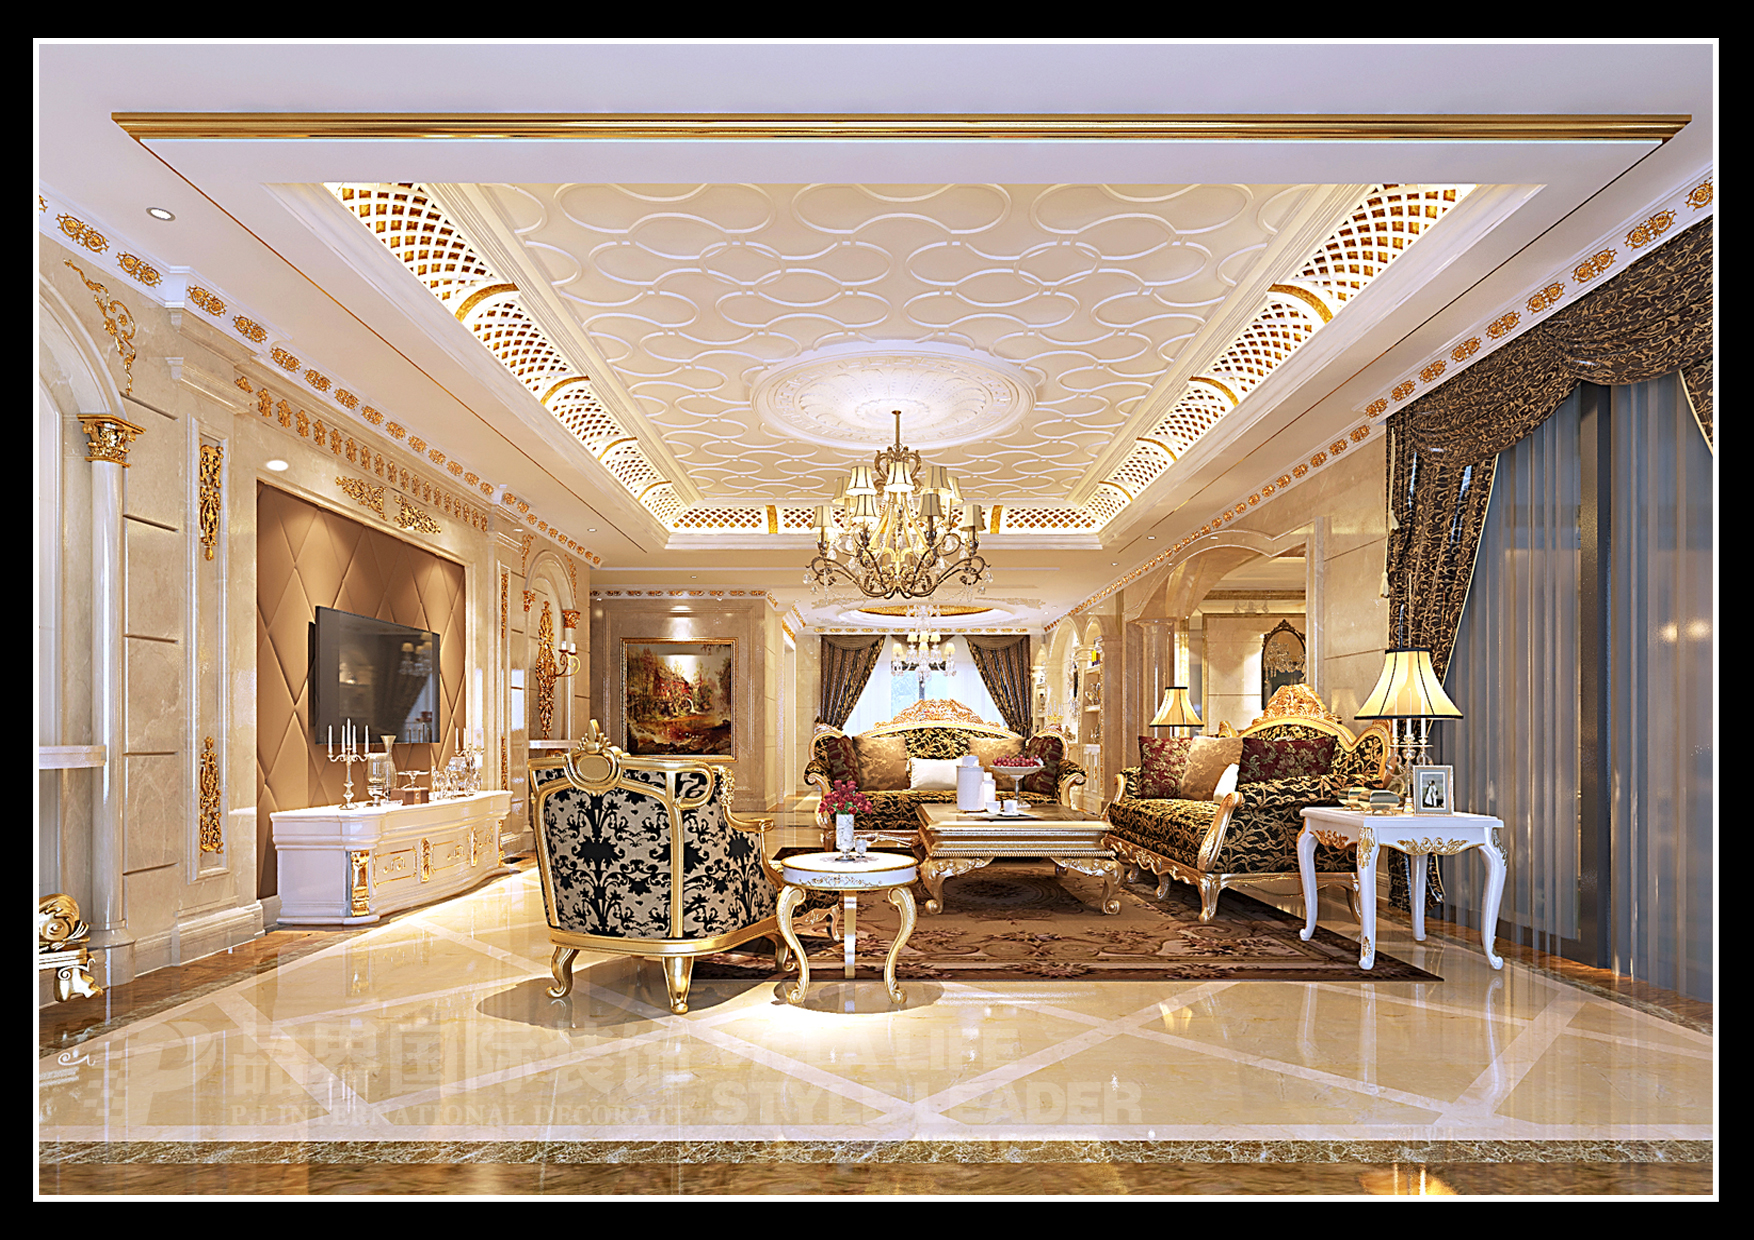 欧式 客厅图片来自石家庄品界国际装饰在恒大华府欧式风格装修的分享